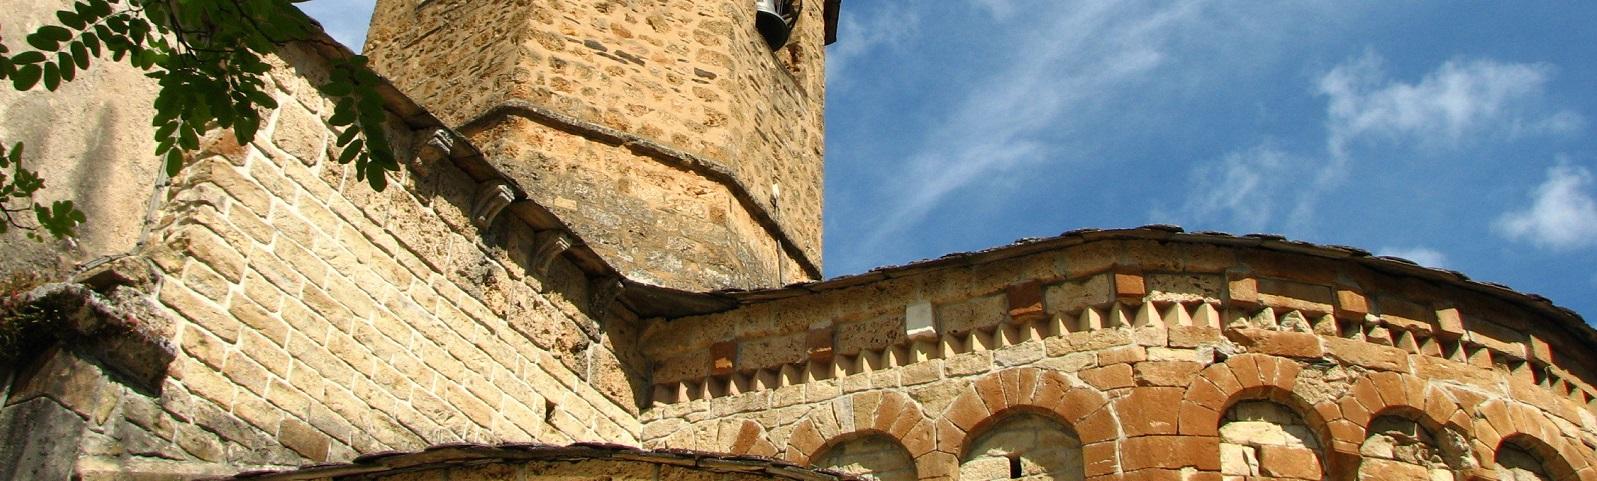 patrimoine ispagnac détail église